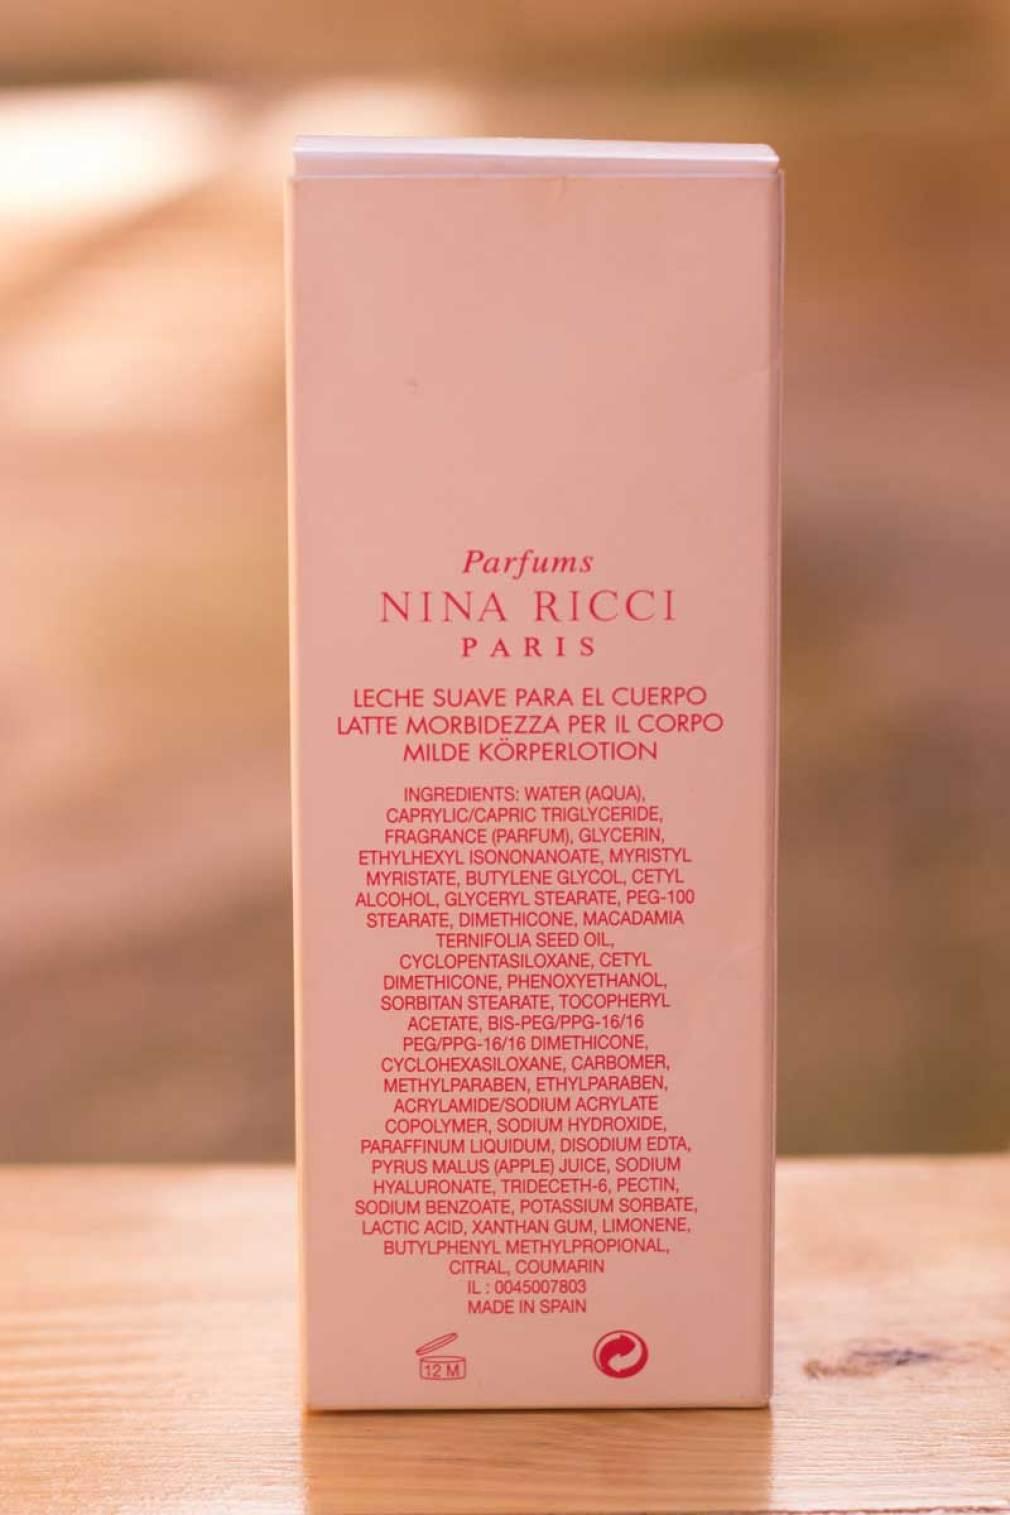 Creme Nina Ricci